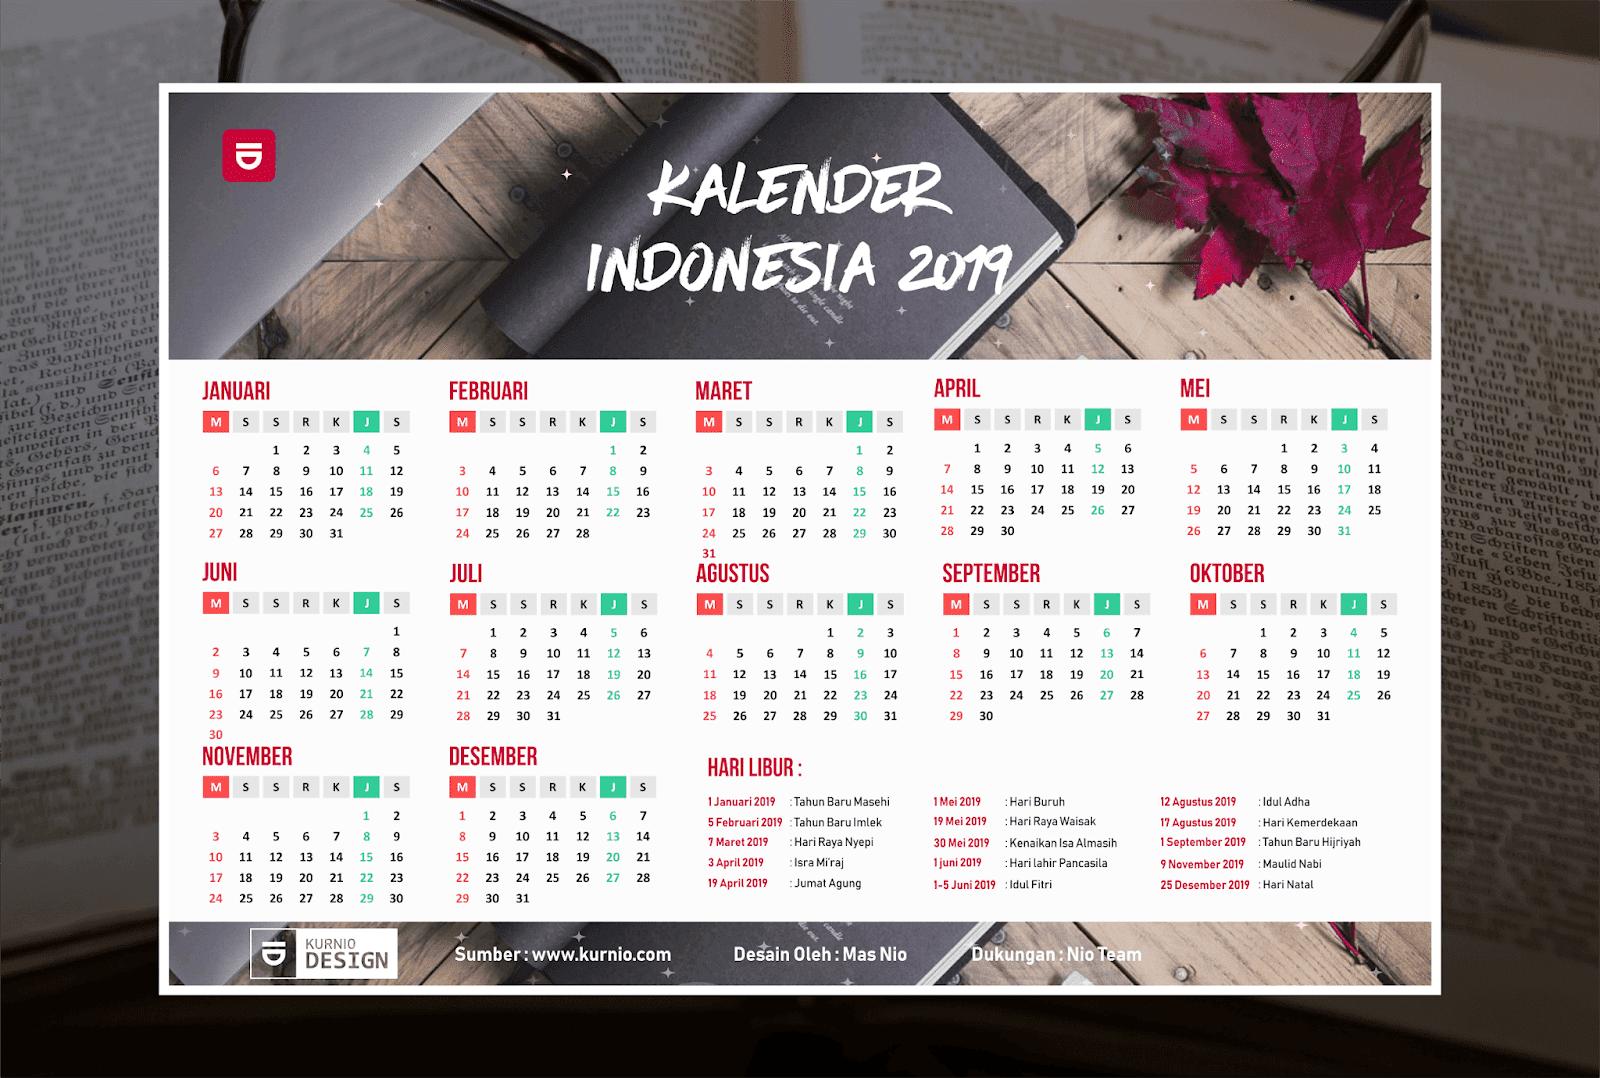 Kalender 2019 Vektor Lengkap Tanggal Merah Hijriyah Jawa Dan Indonesia